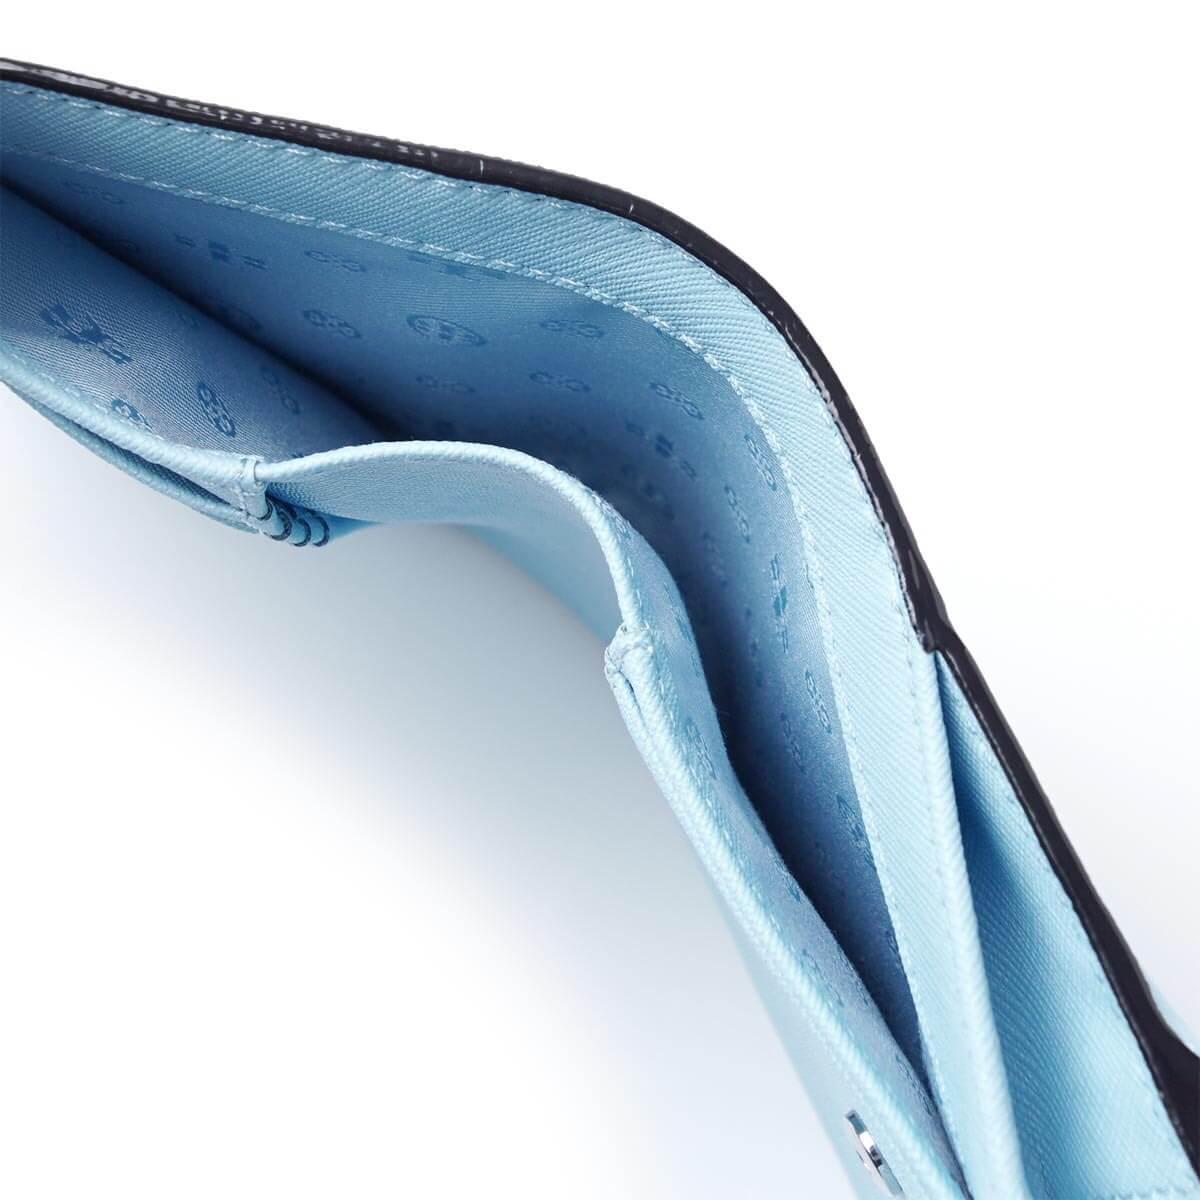 【Tory Burch】防刮簡約設計大容量中夾(黑/粉/藍) 11169107 2